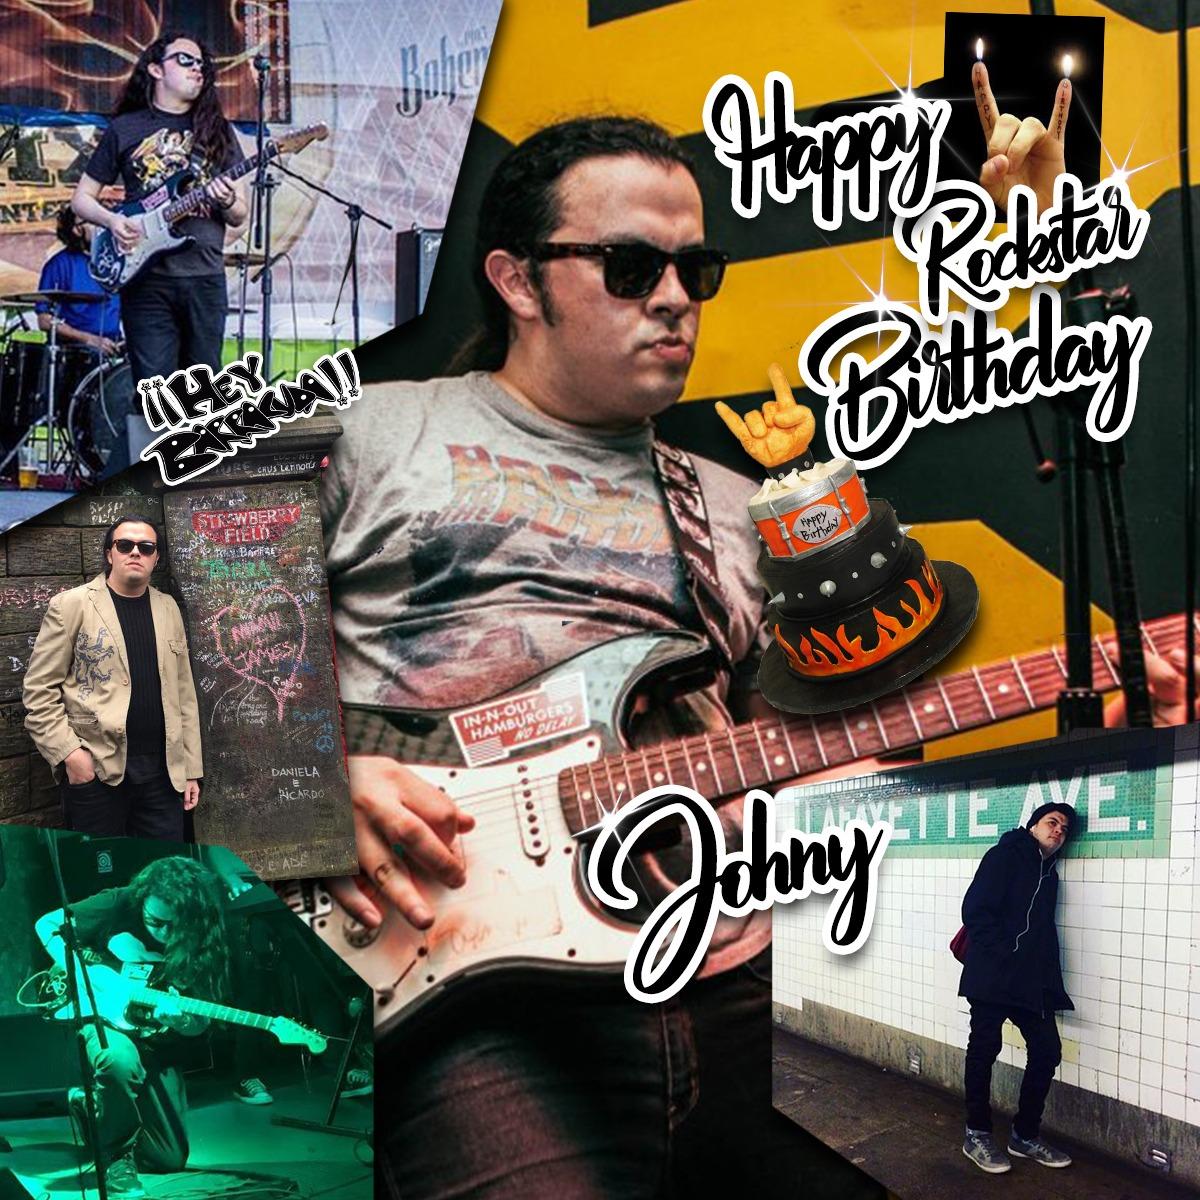 Hoy estamos de manteles largos, ya que nuestro Lead Guitar y Vocalista Johny ¡Cumpleaños!, ¡Muchas Felicidades! 🥳✨🤘🏼🍻🍻🍻🍻 #HappyBirthday  #Rock #Rockers #felizcumpleaños #lead #leadguitar #rocknroll #Monterrey #Mexico